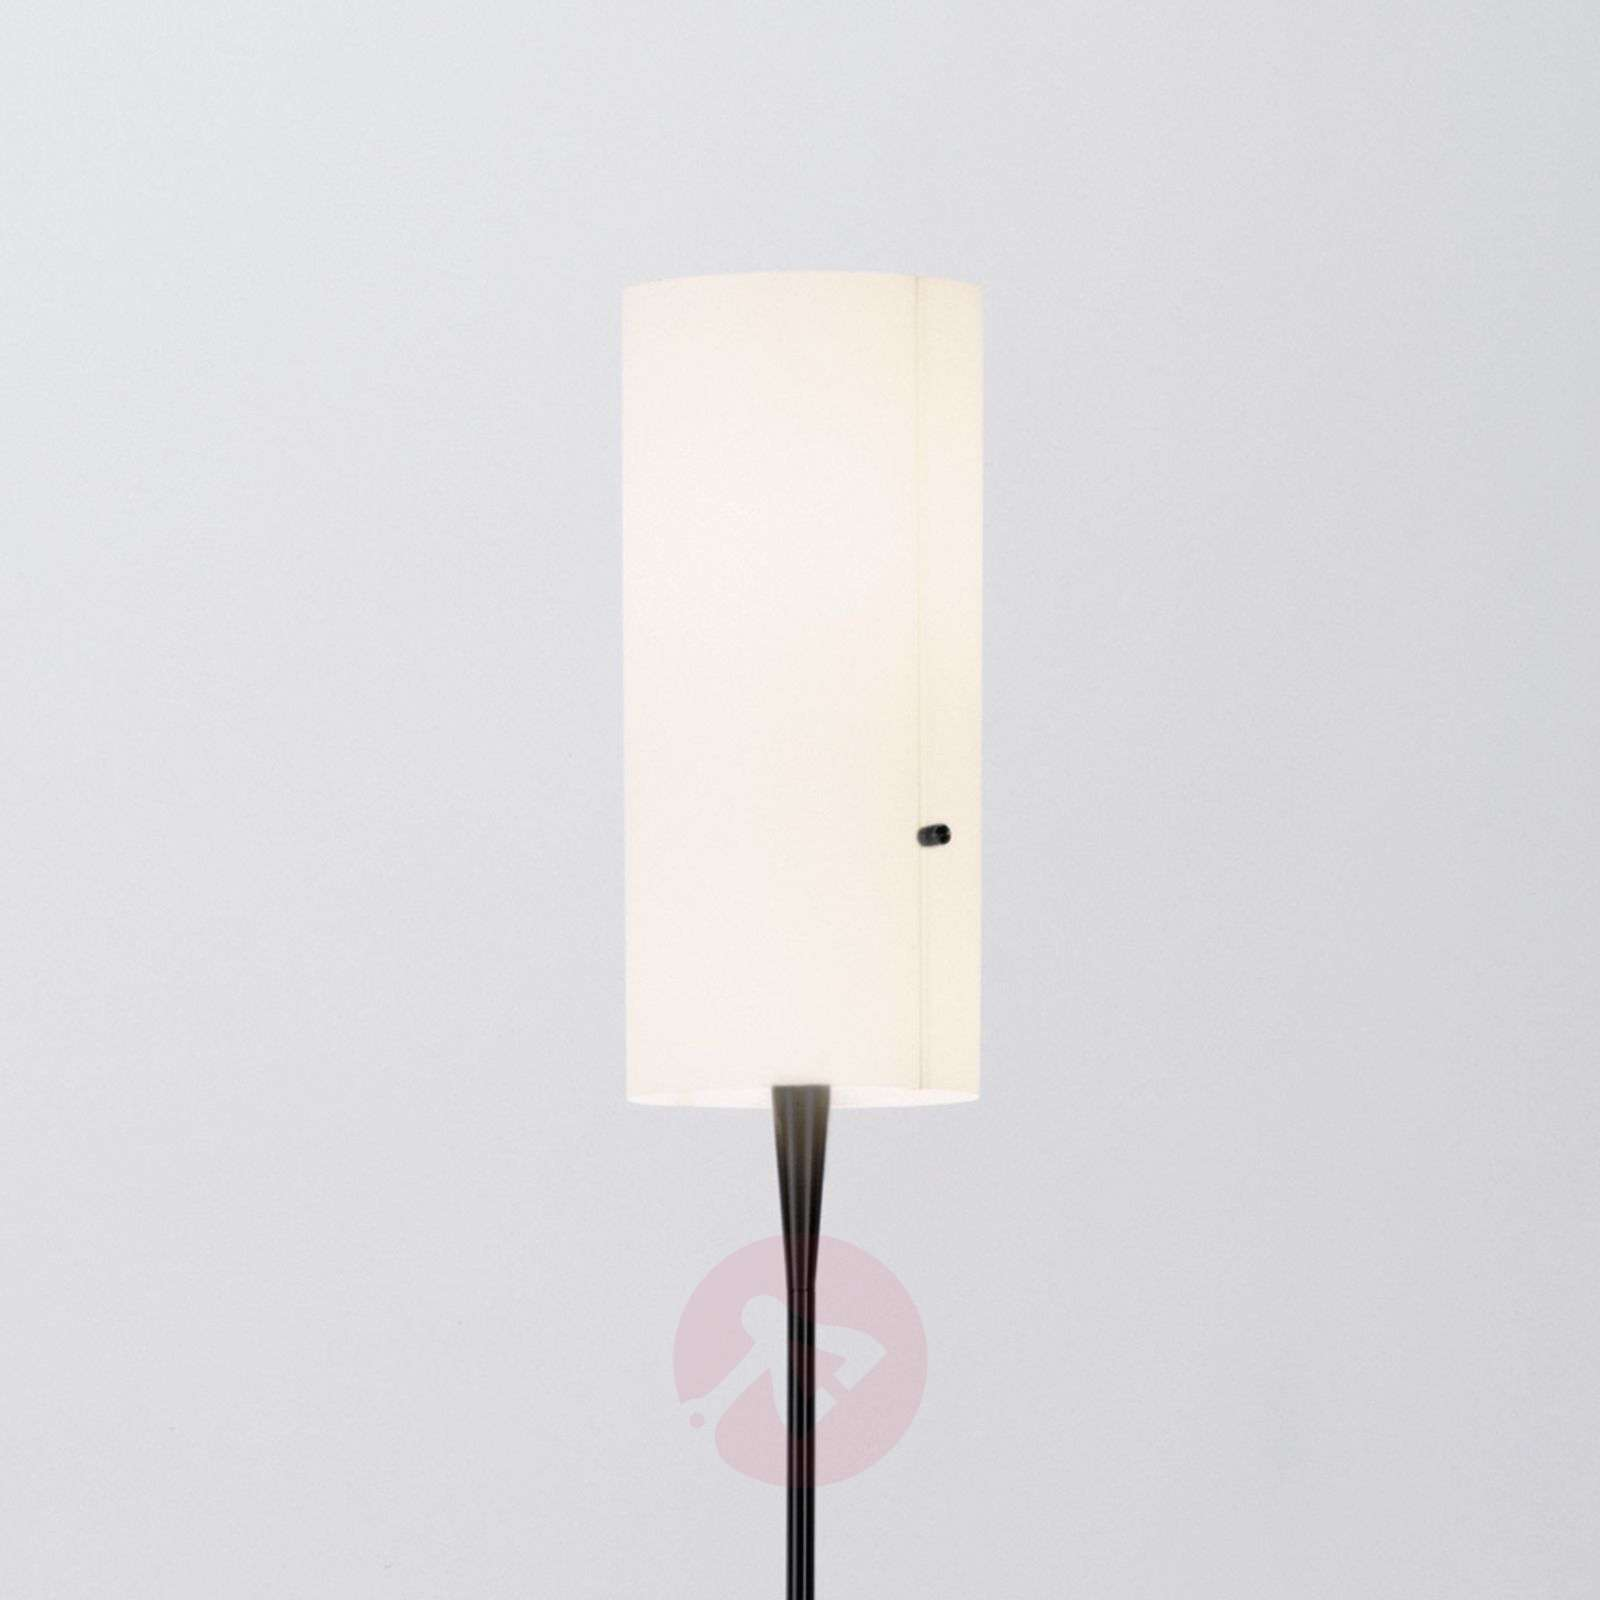 Hoikka design-lattiavalaisin Club, sintsivarjostin-8550013-01